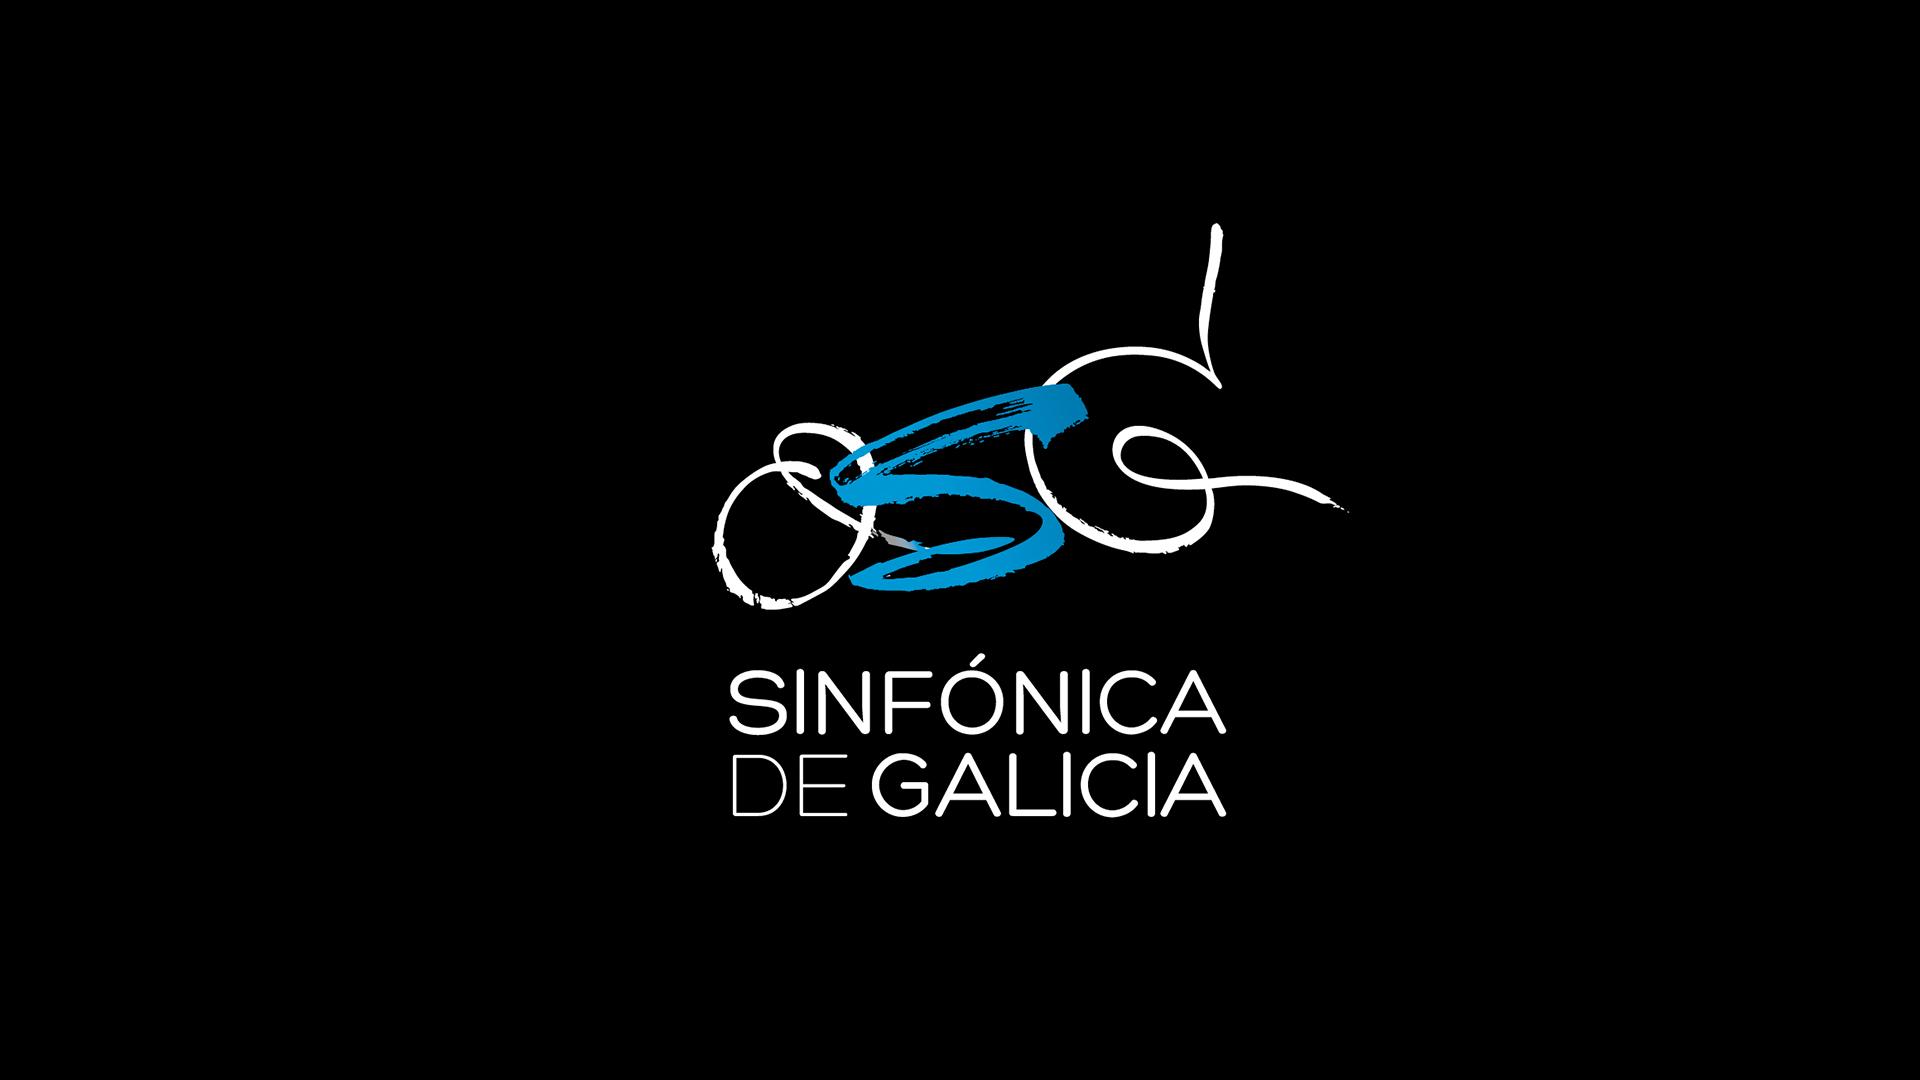 La Temporada Lírica abre el plazo de inscripción del Curso de Interpretación Vocal de Alberto Zedda